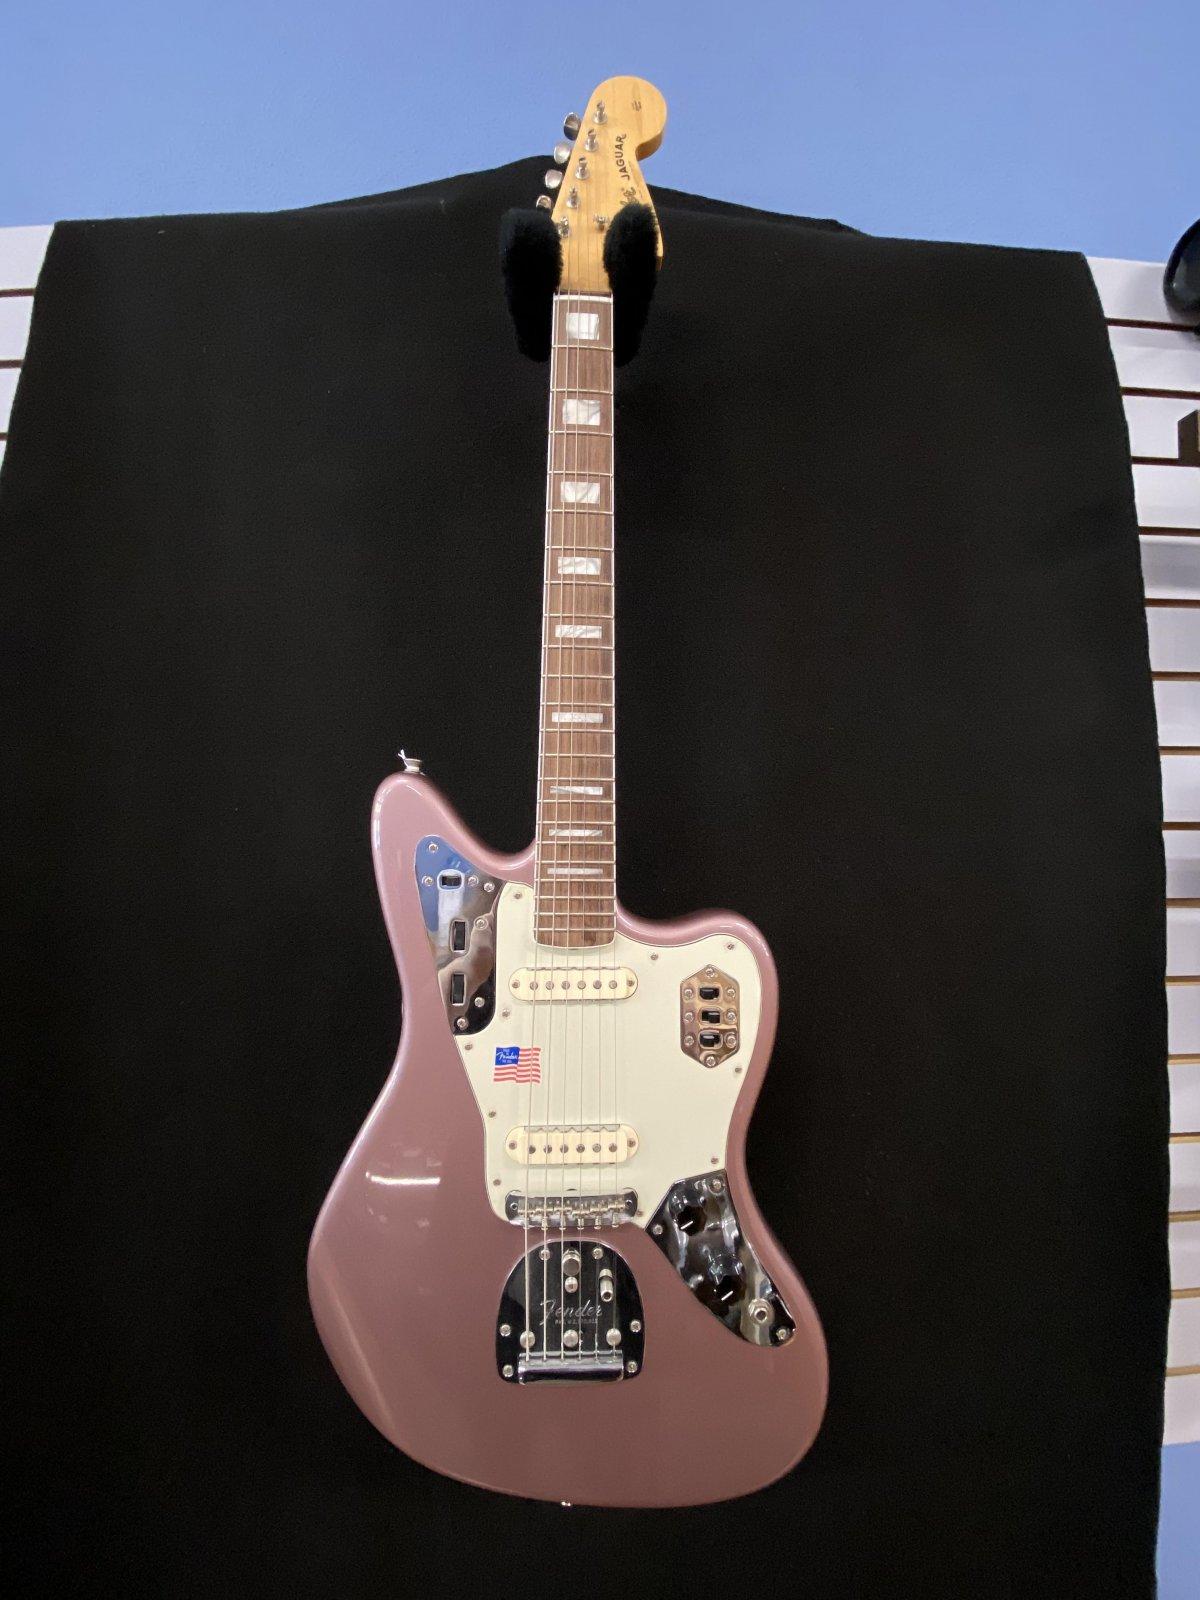 2002 50th Anniversary USA Fender Jaguar burgundy mist